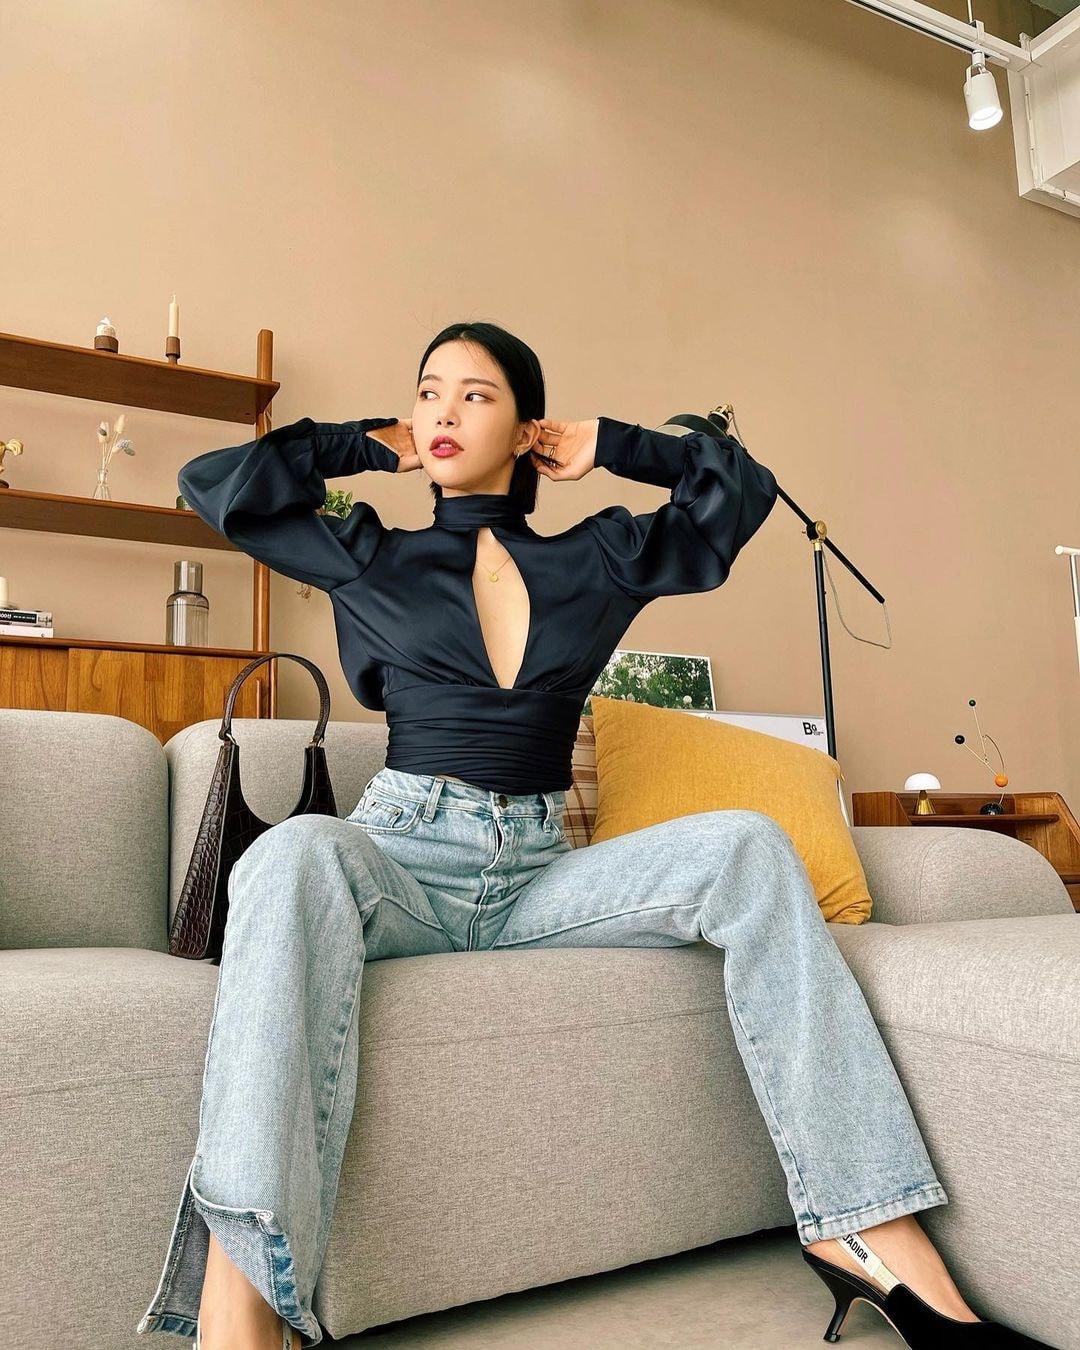 2 thái cực khi diện áo hở bạo: Jennie che đậy để tránh hớ hênh trong khi Solar (MAMAMOO) khoe body ná thở - Ảnh 8.